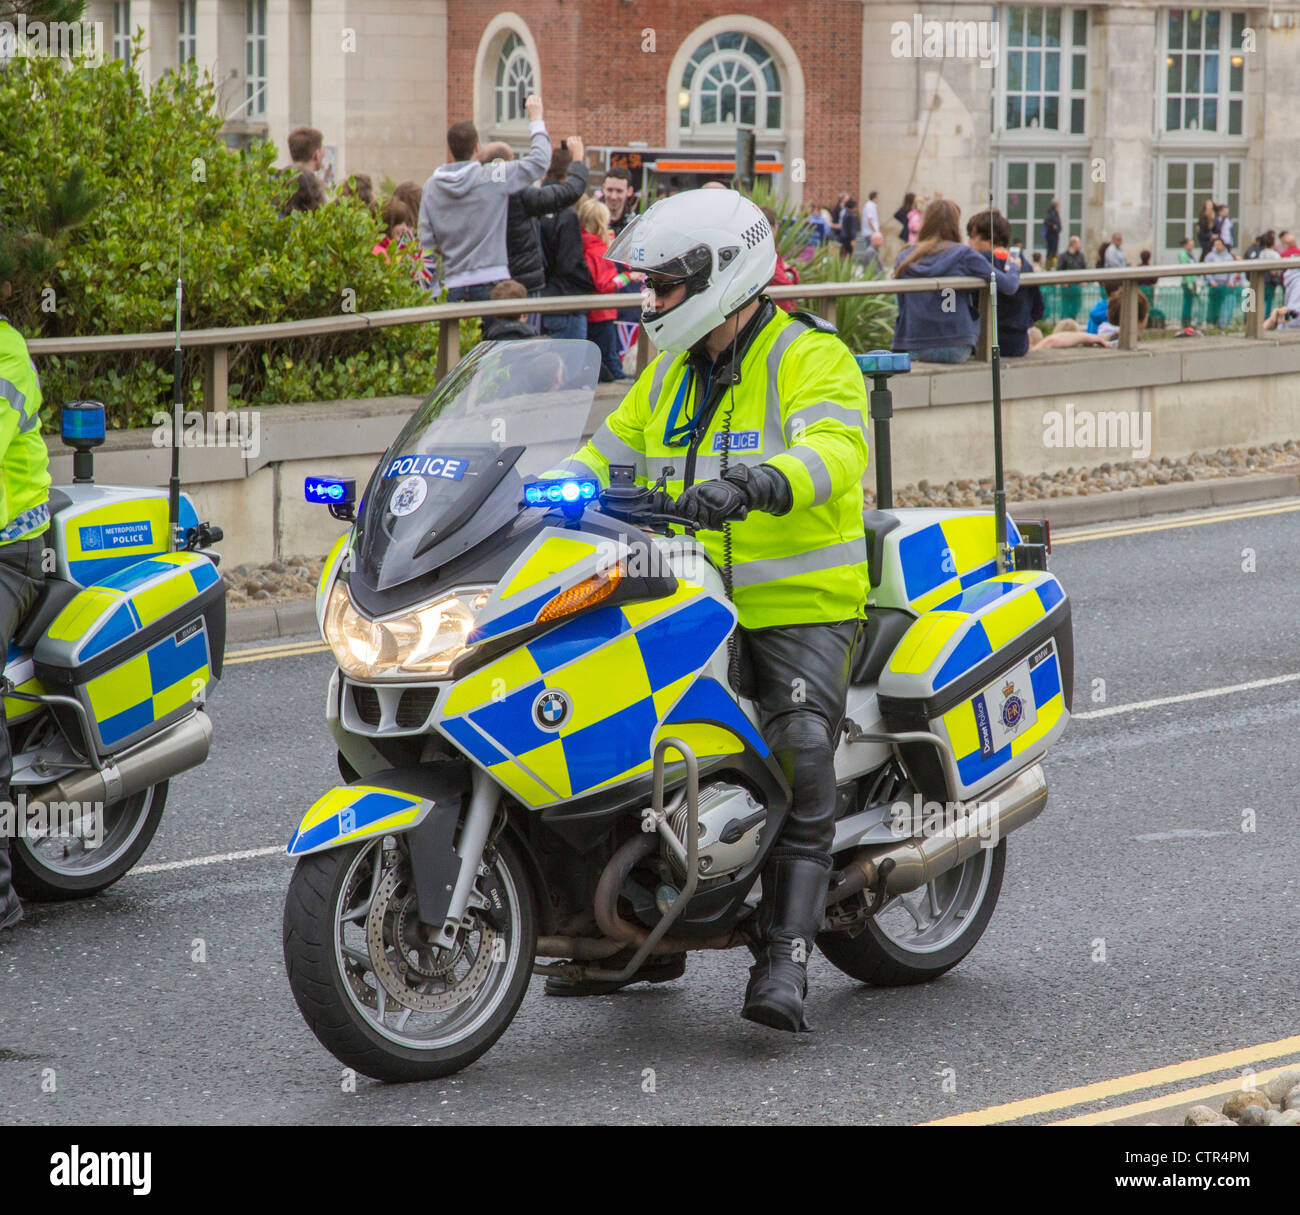 La policía motociclista a horcajadas en su motocicleta, parado en la calzada, Dorset, Inglaterra, Reino Unido. Imagen De Stock